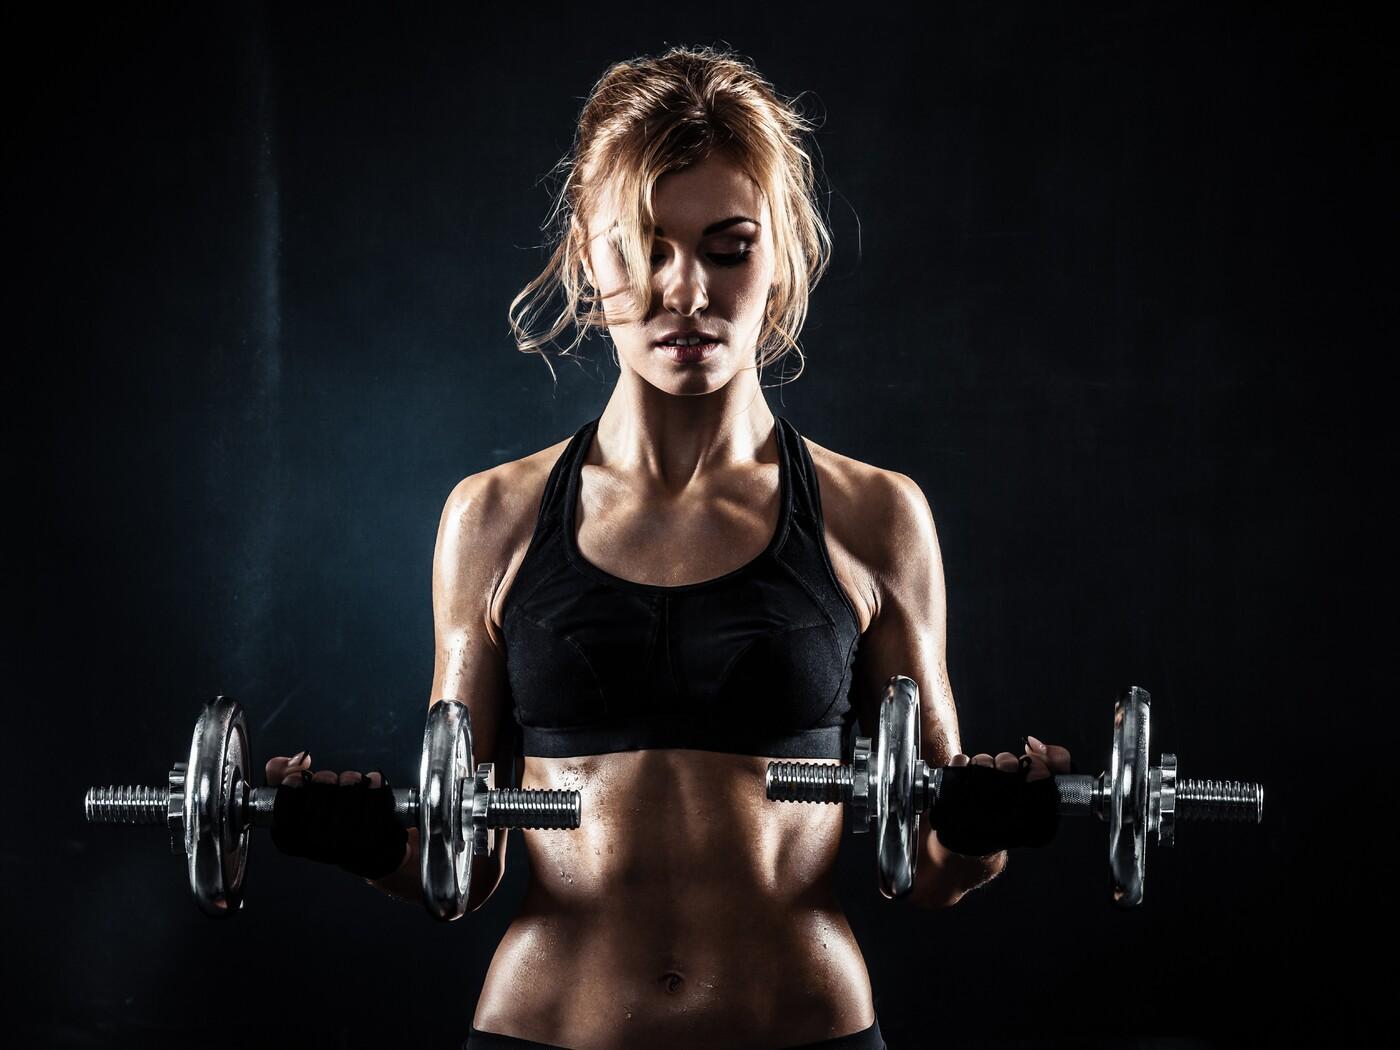 fitness-gym-girl-nb.jpg